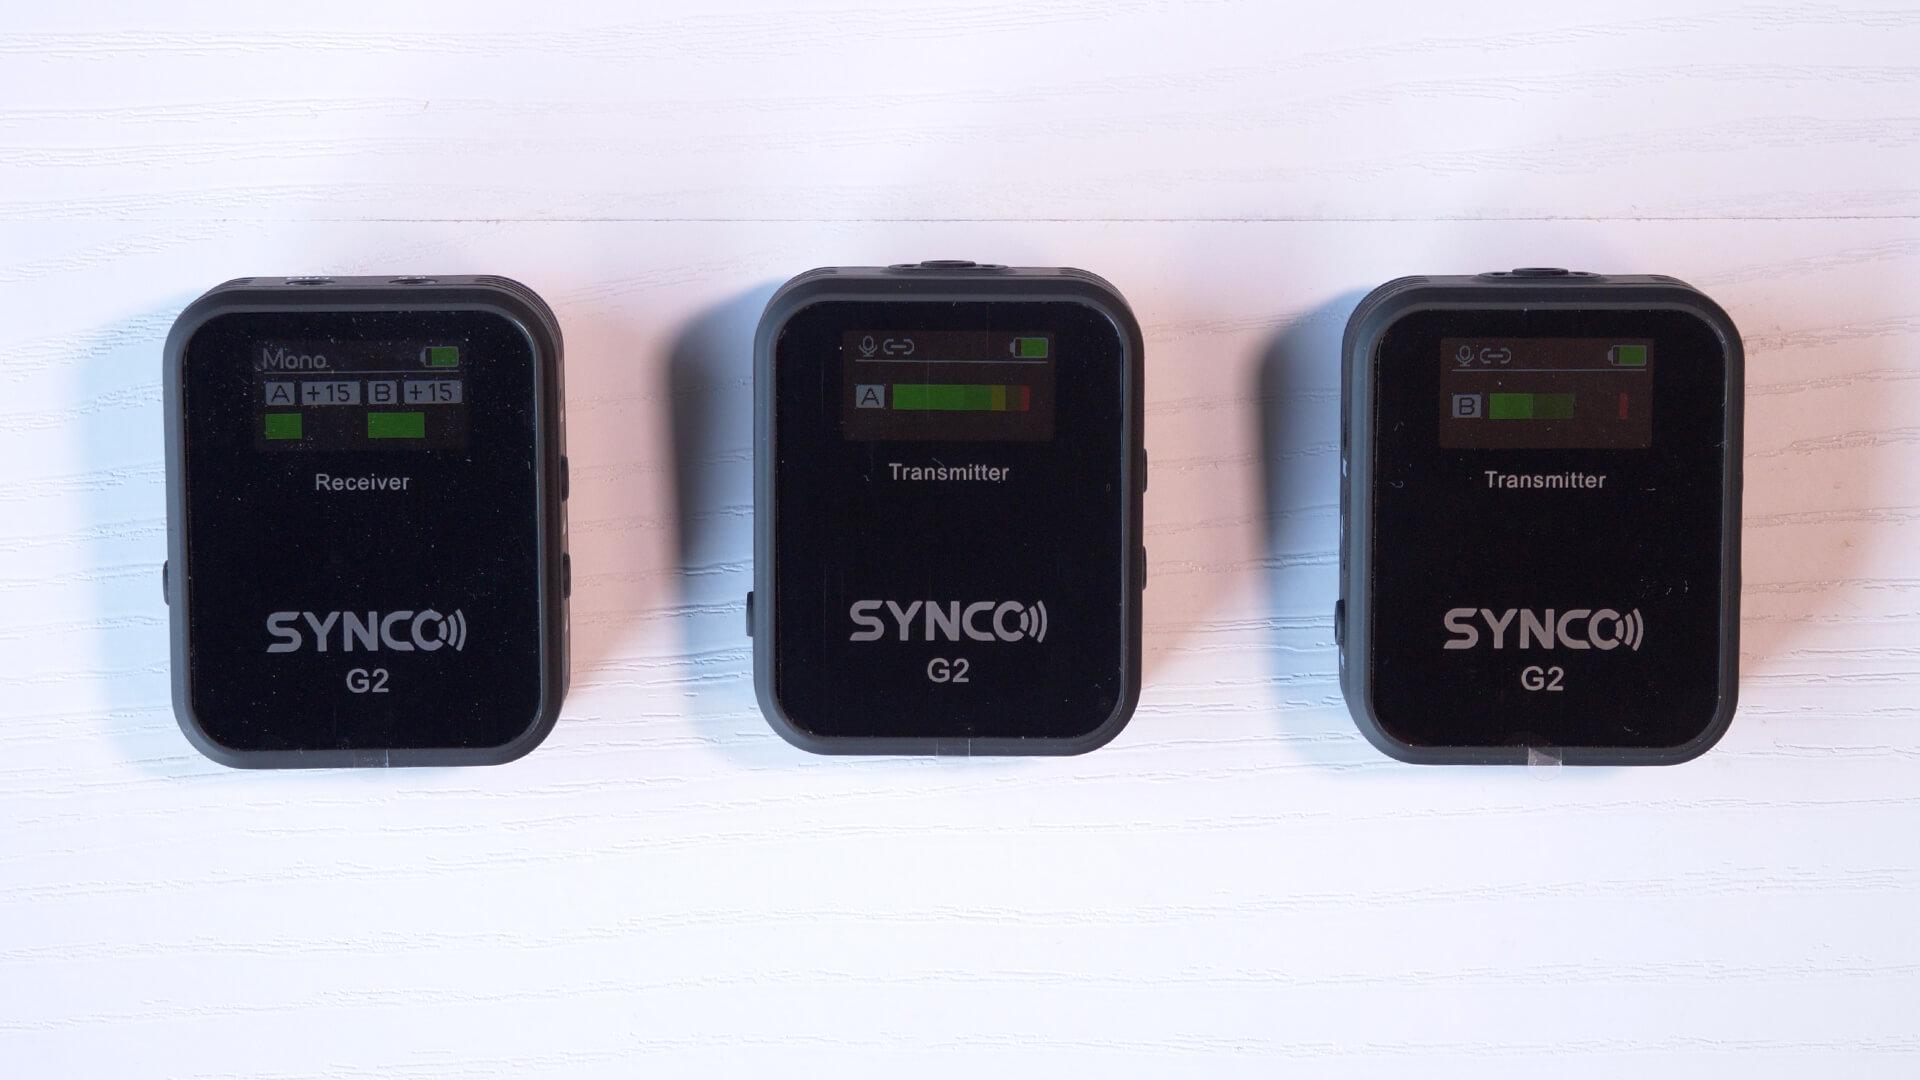 SYNCO G2(A2) 受信機のTFTスクリーン